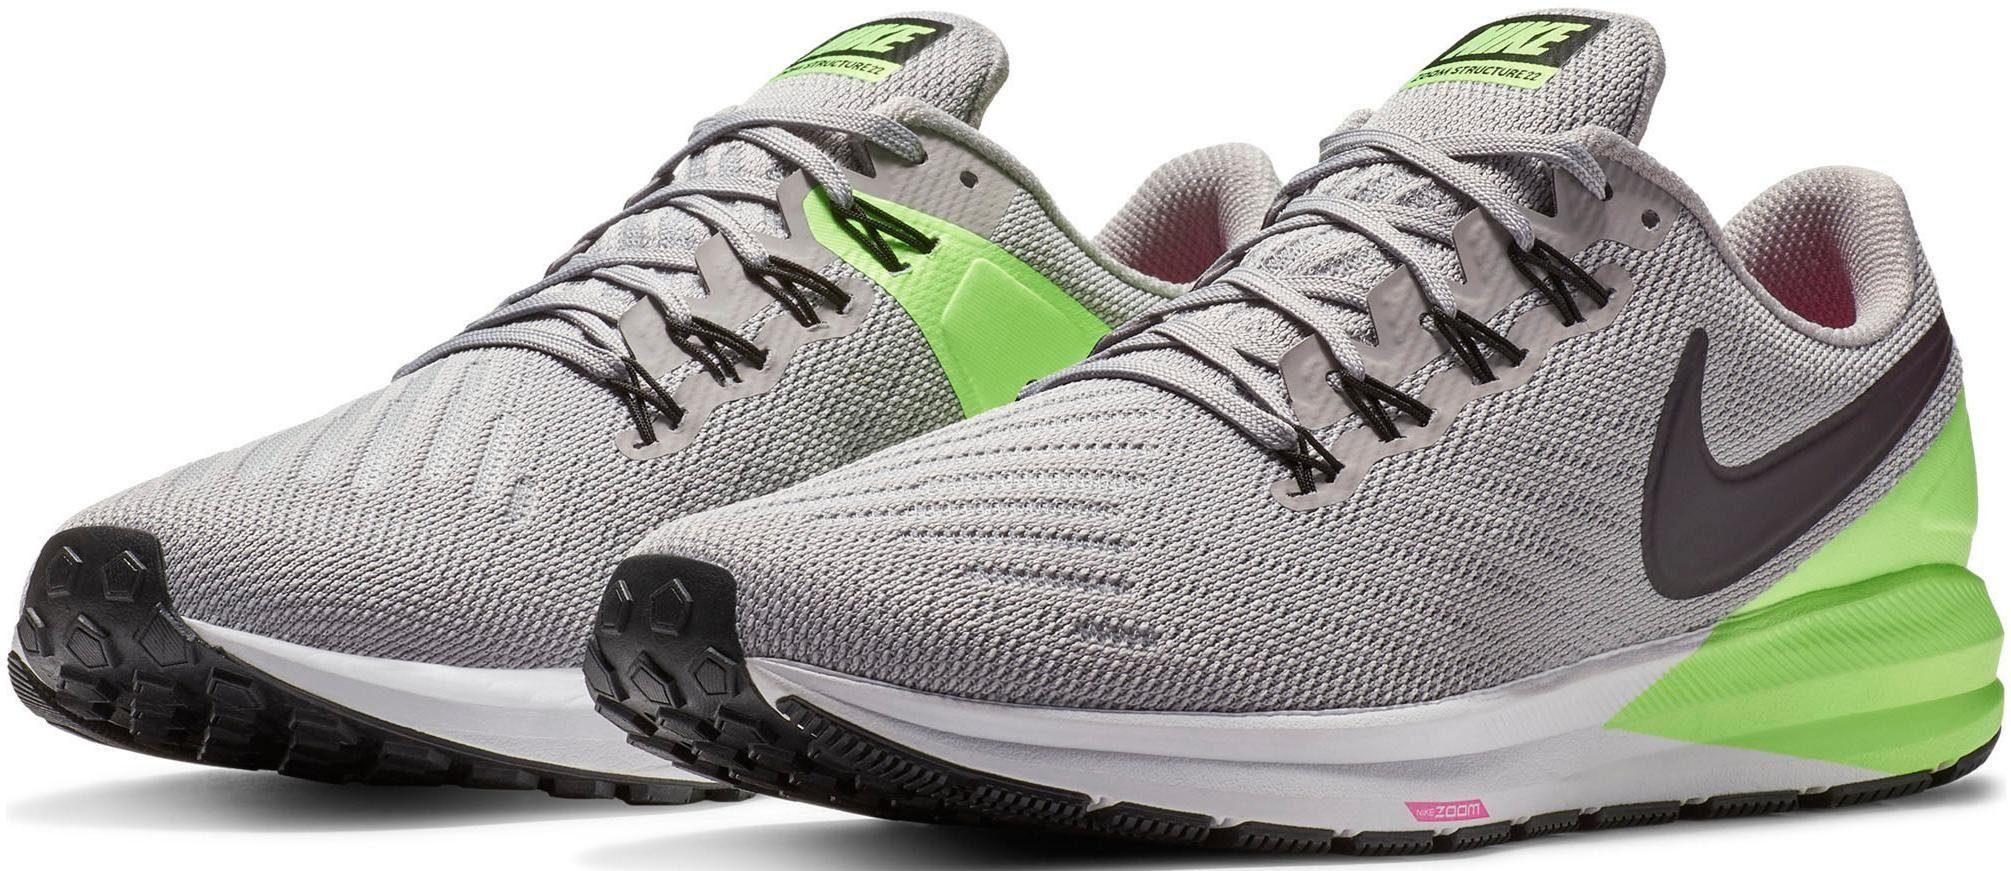 Nike »Air Zoom Structure 22« Laufschuh kaufen | OTTO